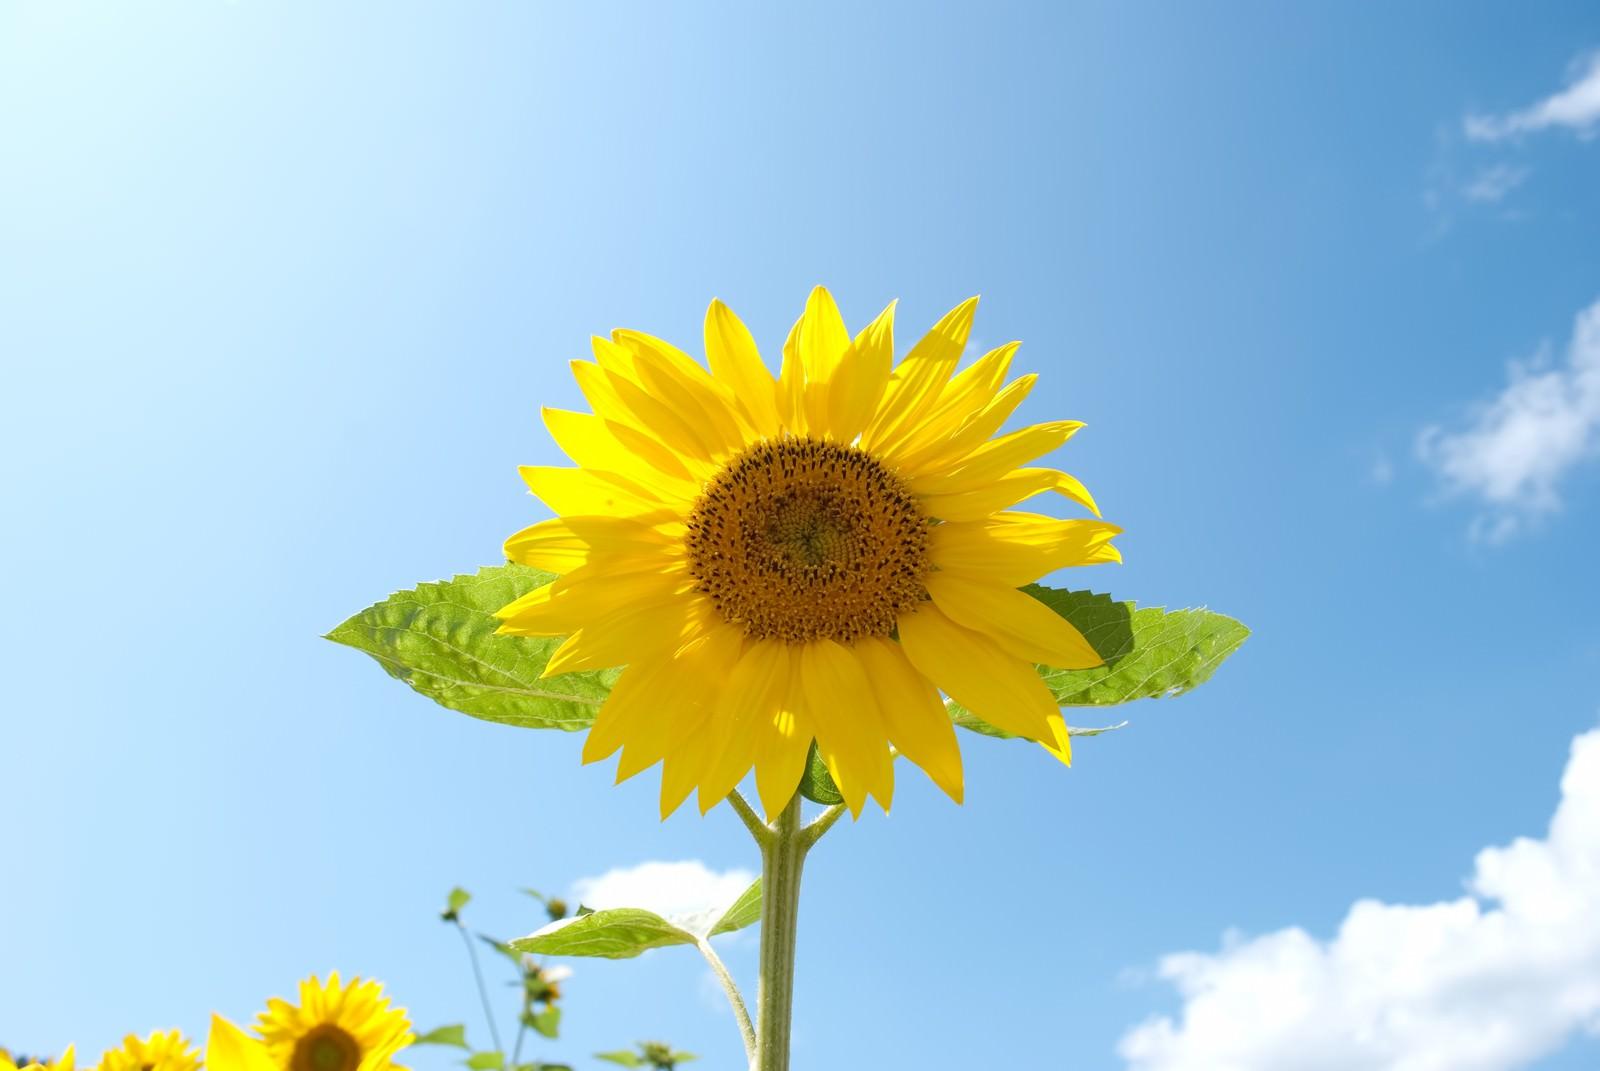 「青空と向日葵青空と向日葵」のフリー写真素材を拡大